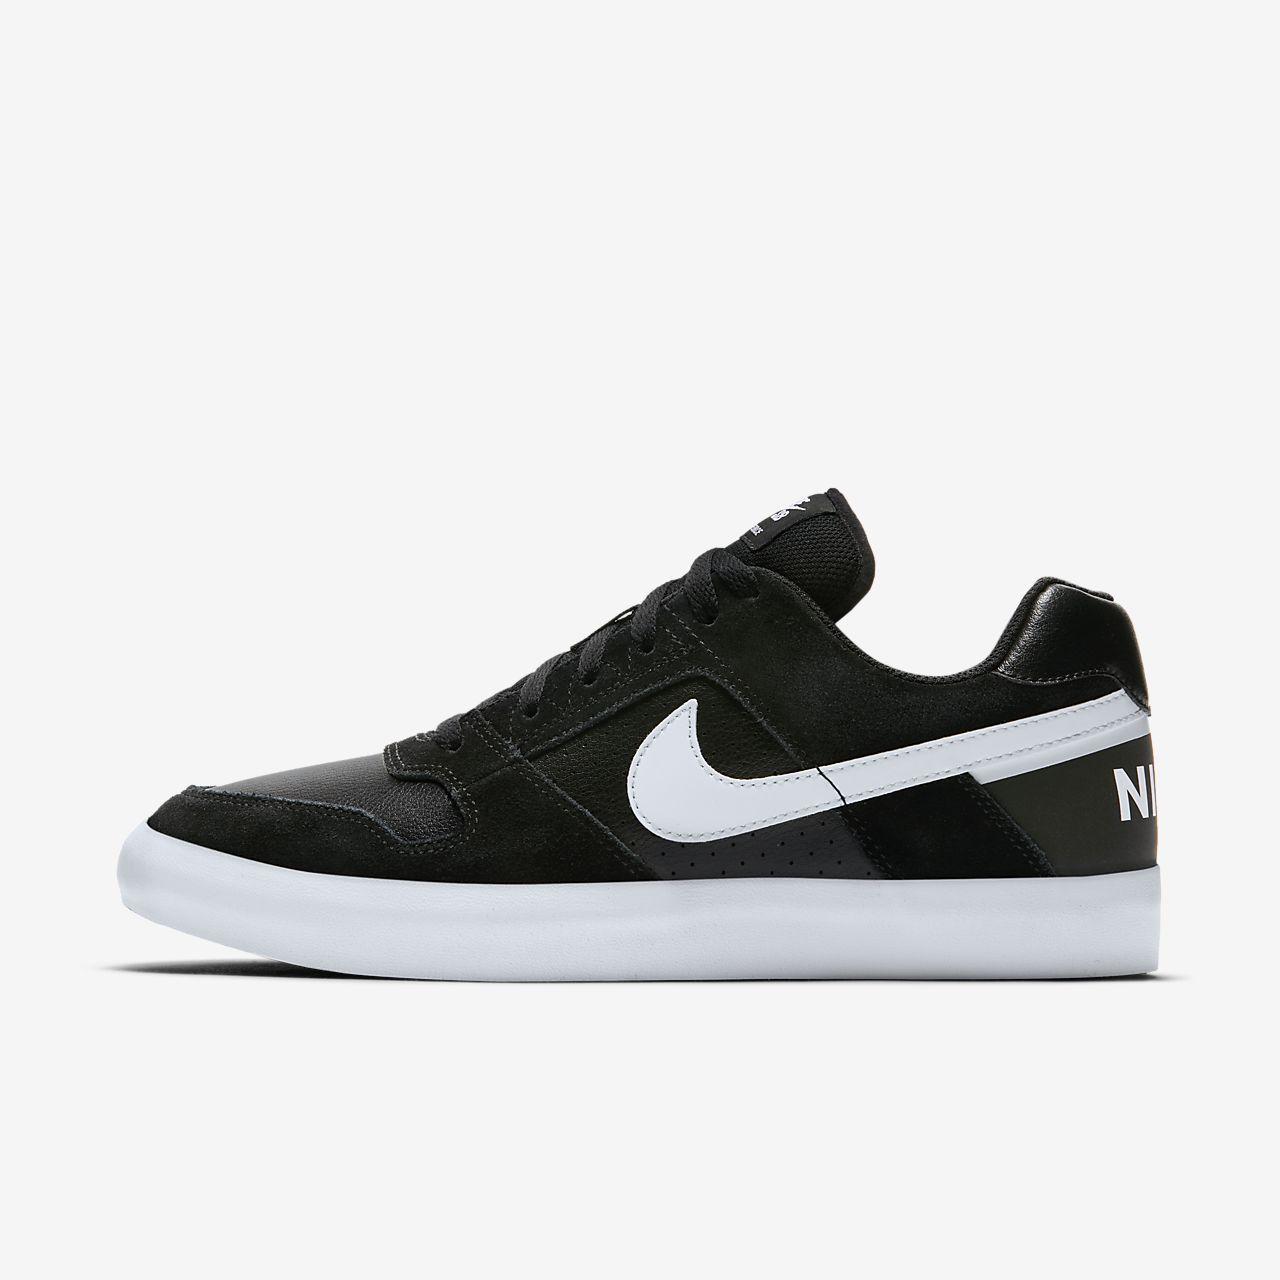 Nike SB Delta Force Vulc Men's ... Skate Shoes 2mLHAf